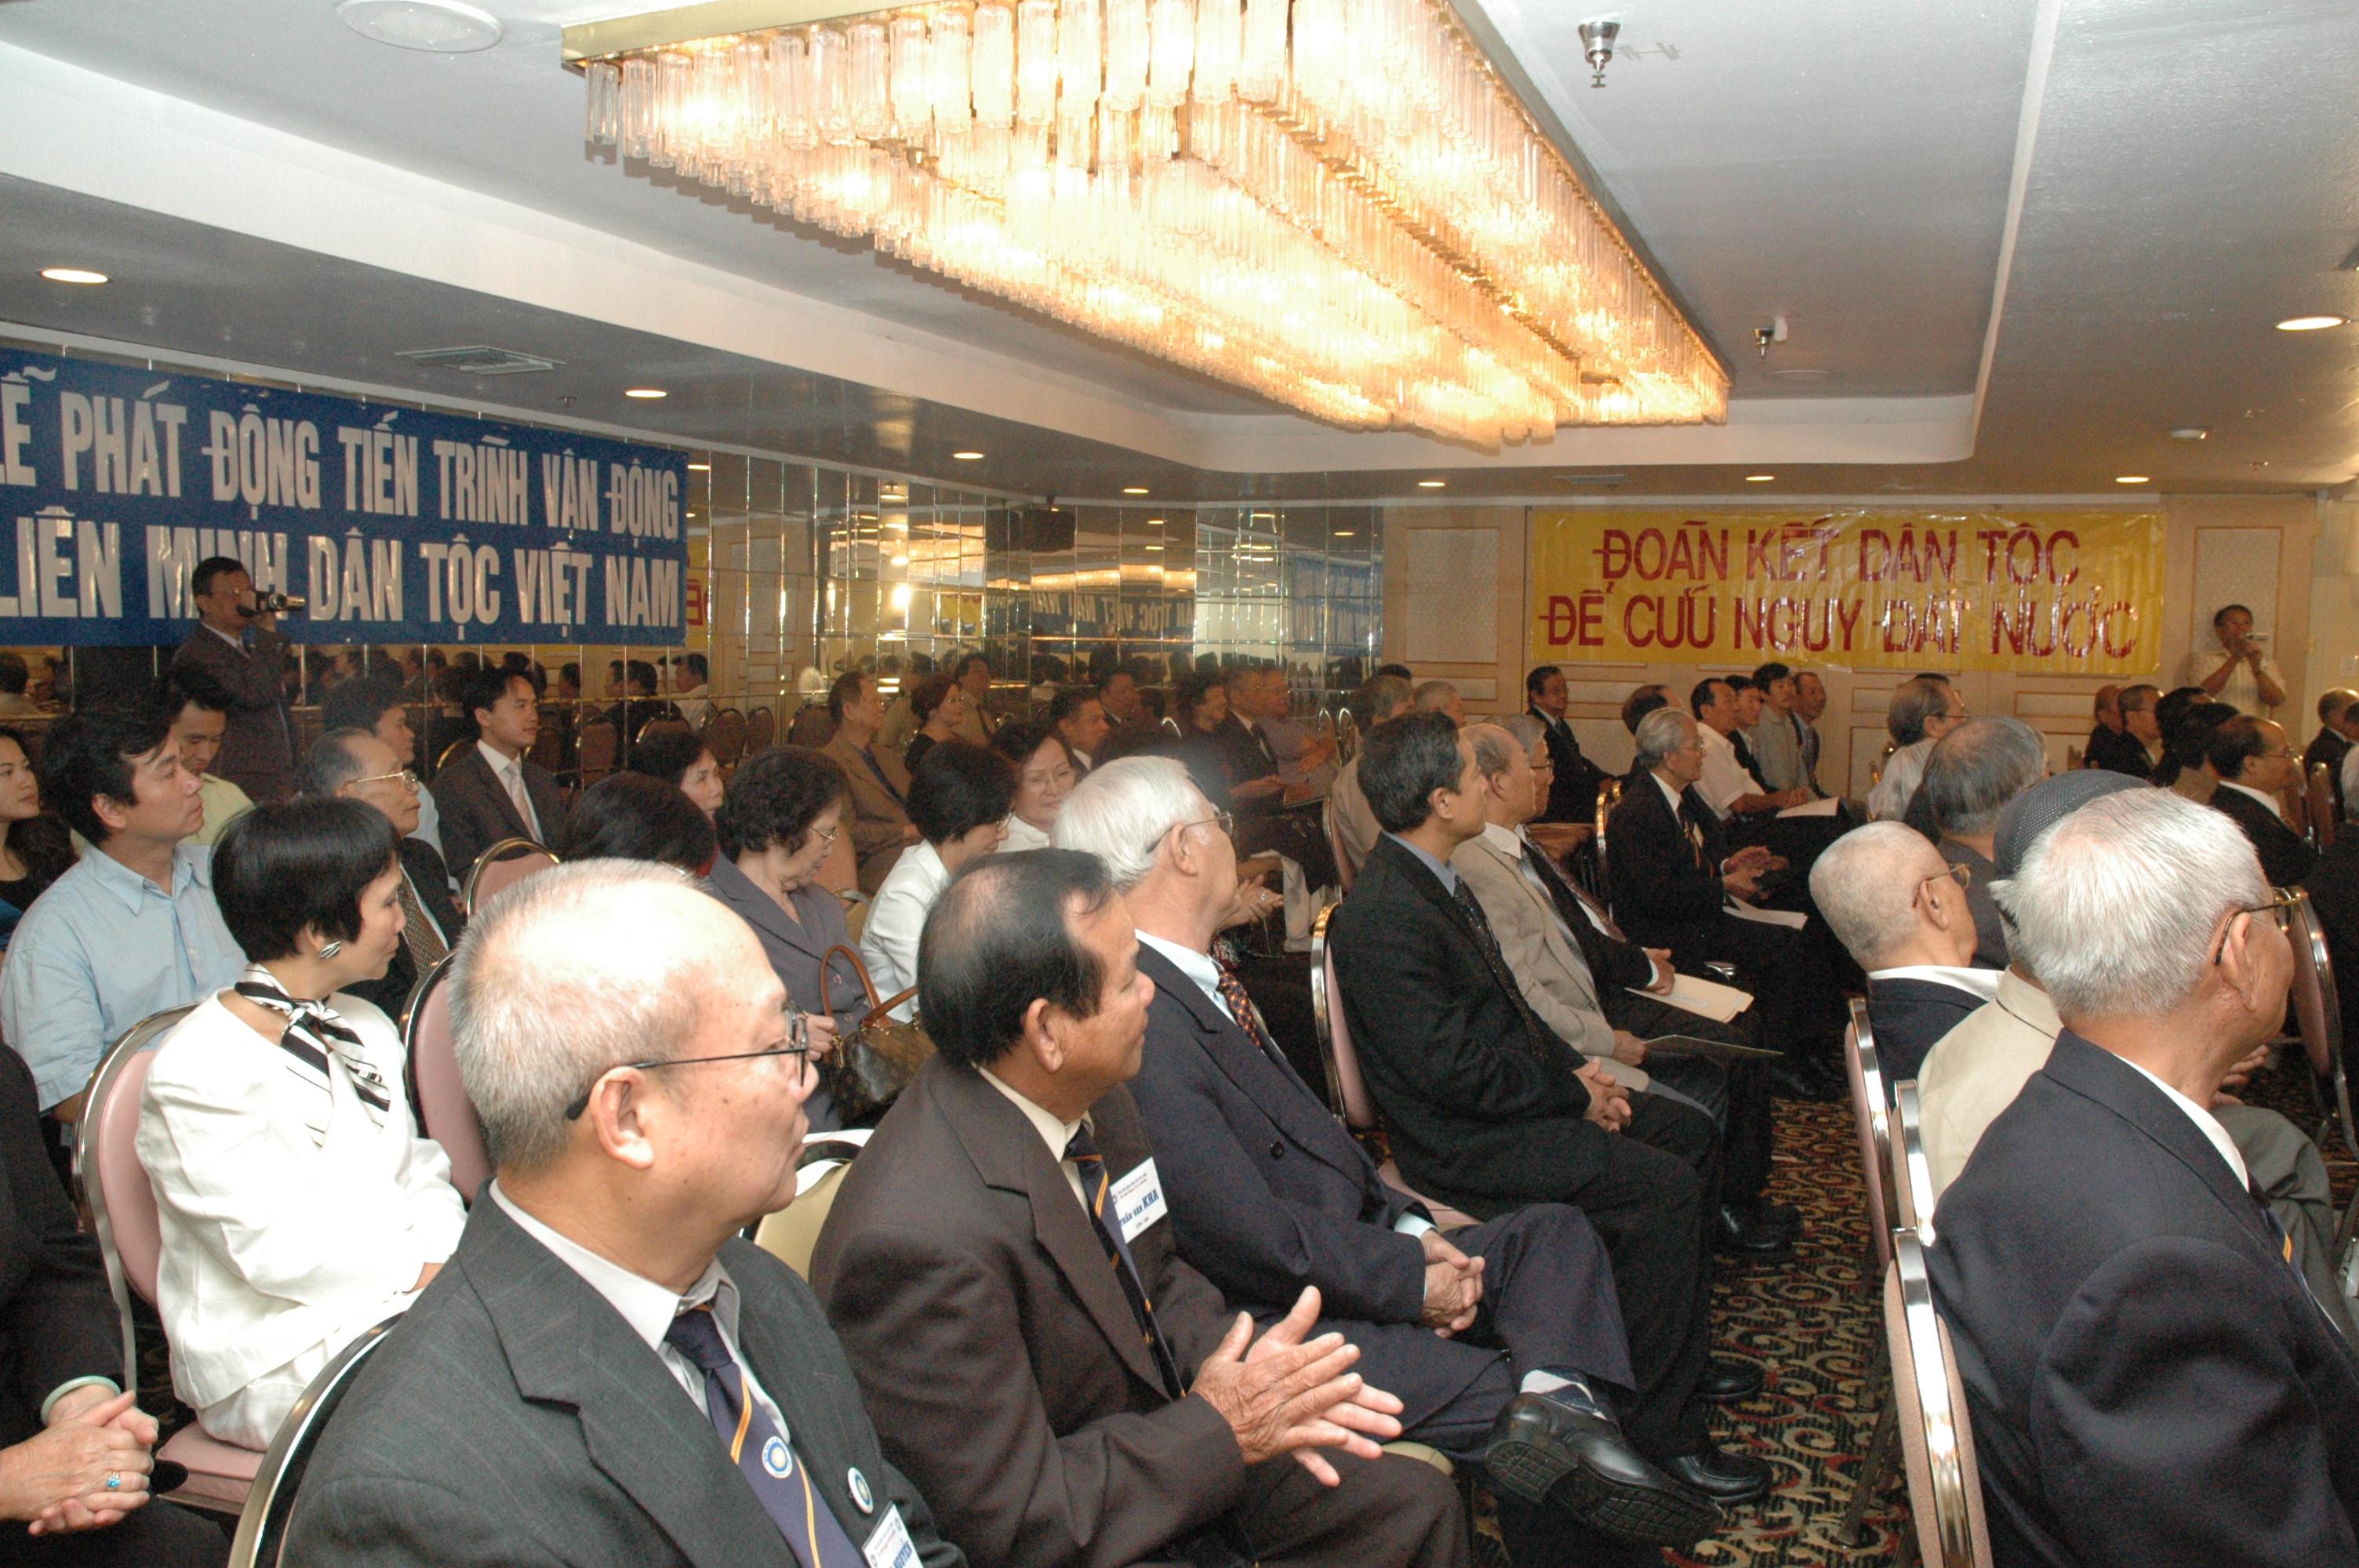 Dai Hoi Dang 15-16-8-2008 (8)